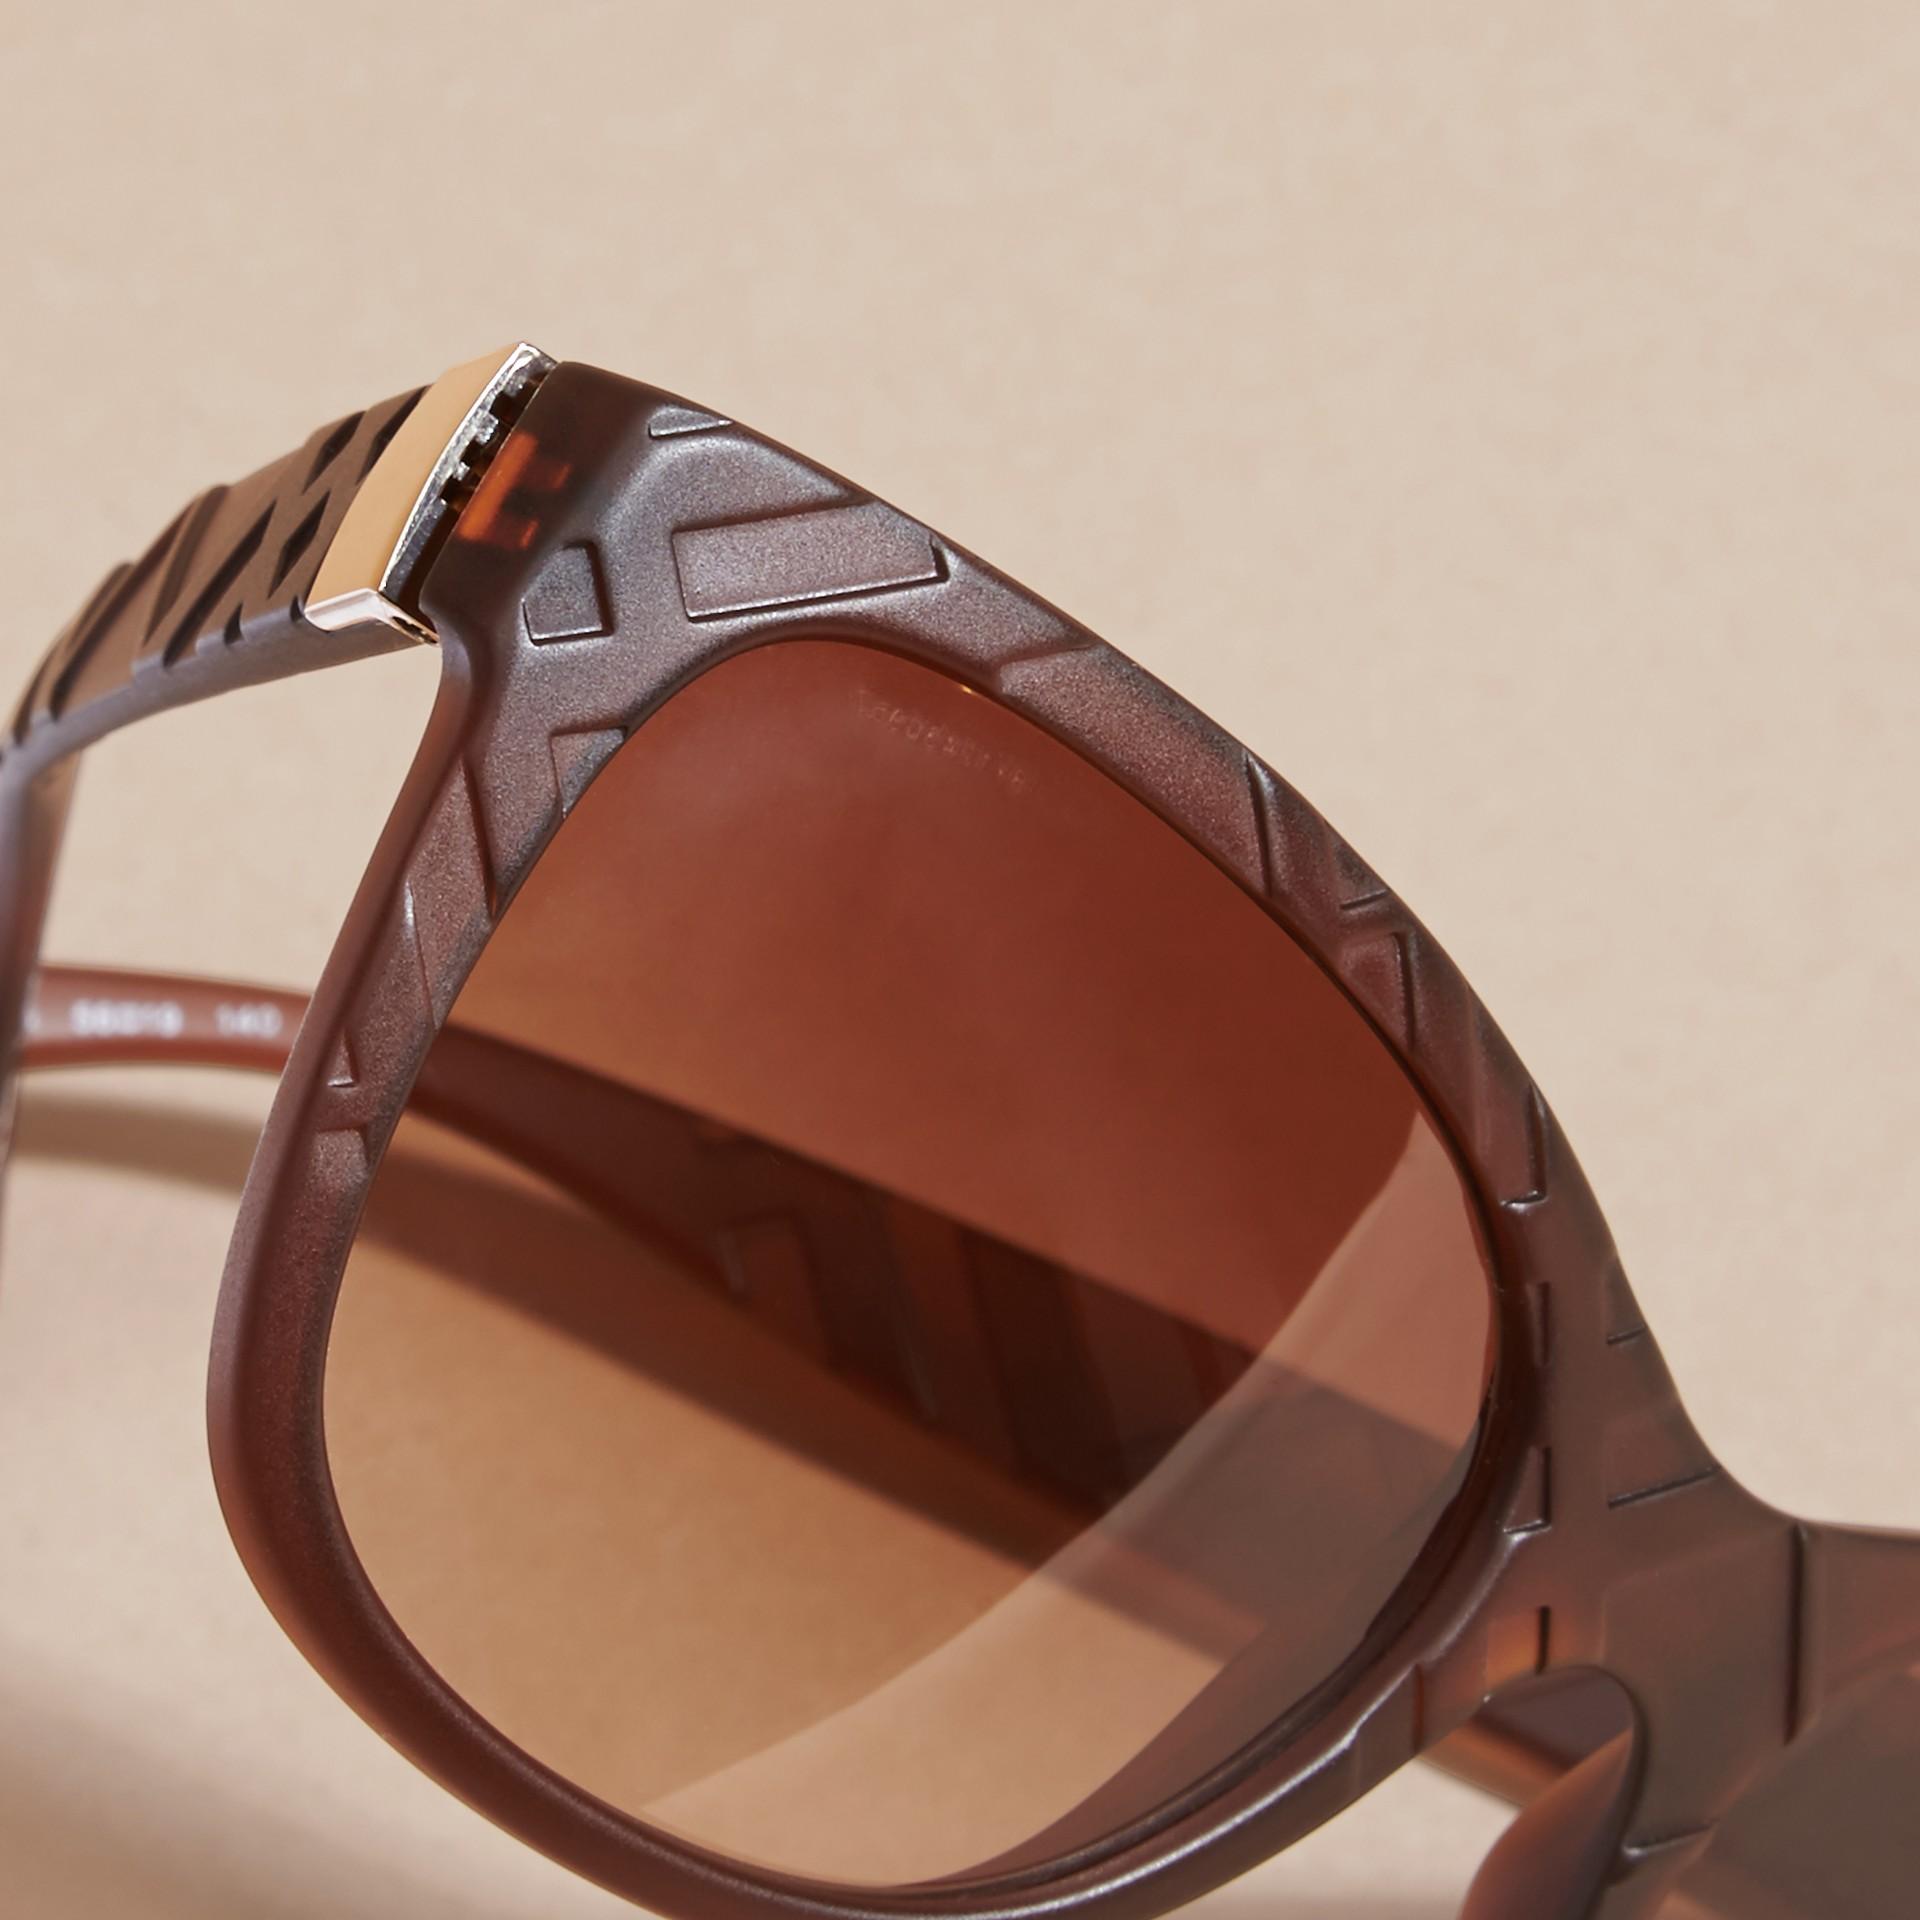 Marrone Occhiali da sole con montatura squadrata e motivo check tridimensionale Marrone - immagine della galleria 2